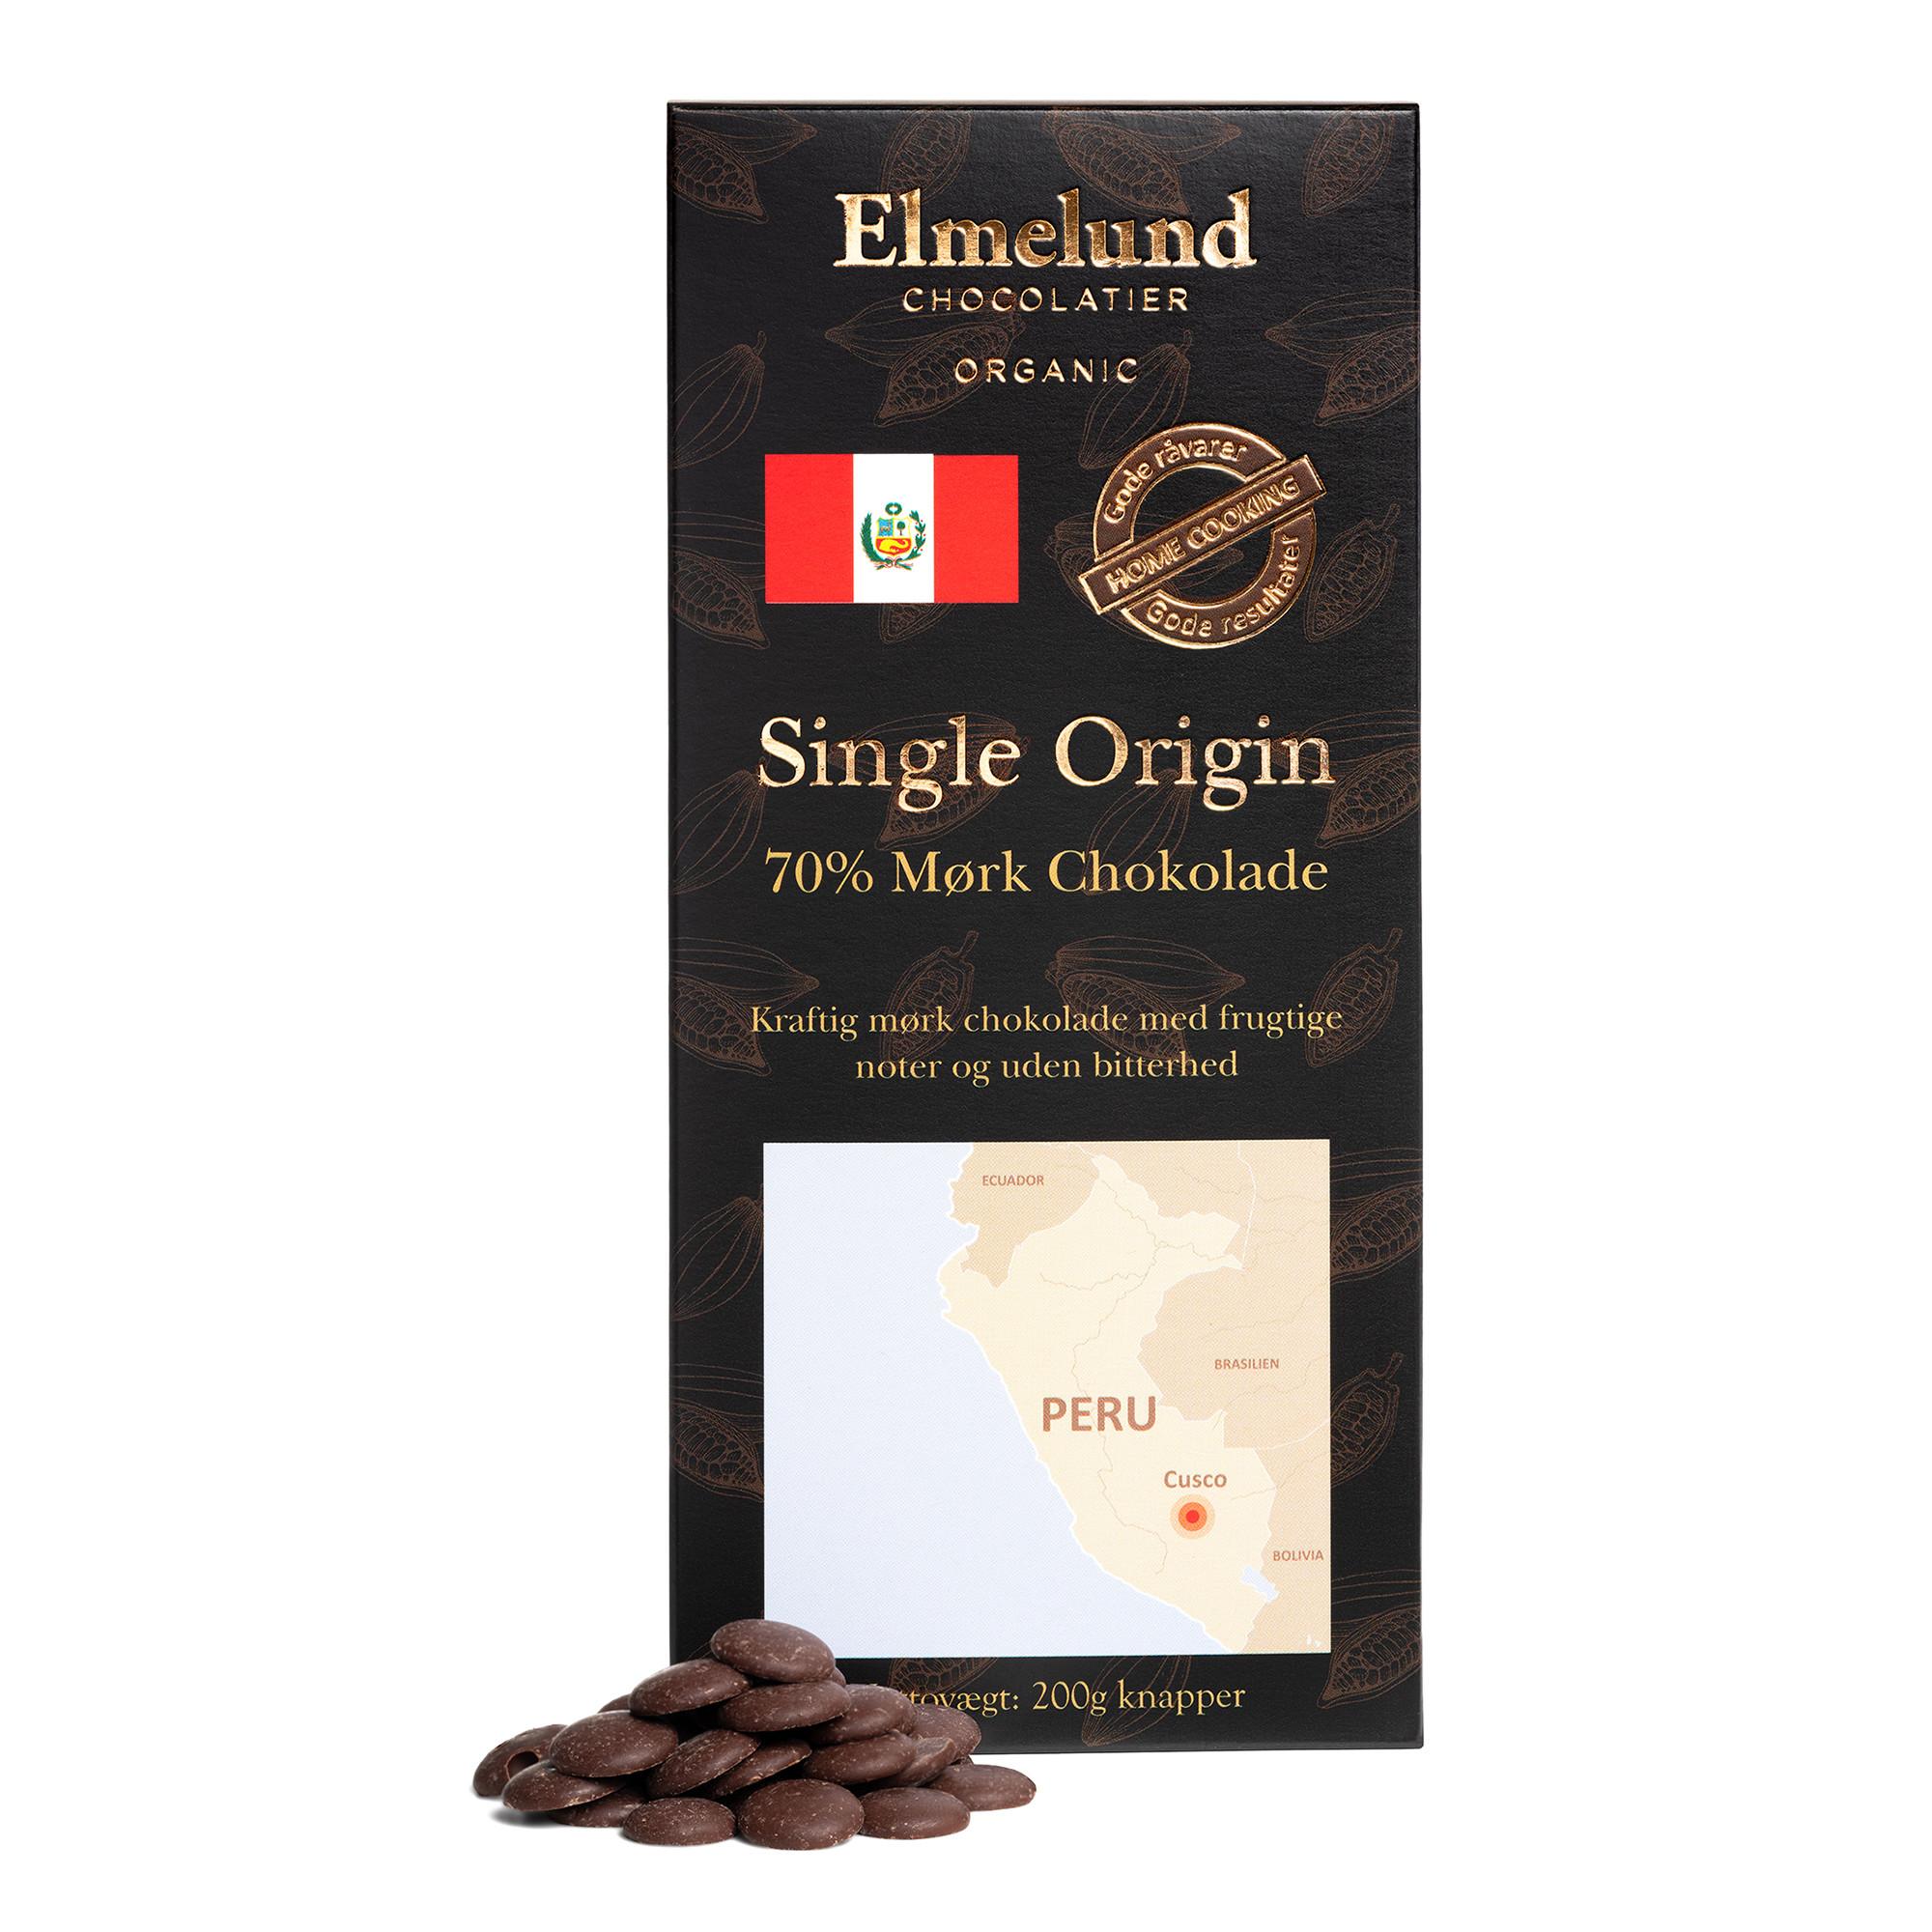 Økoladen / Elmelund Chocolatier Peru 70% Mørk Chokolade